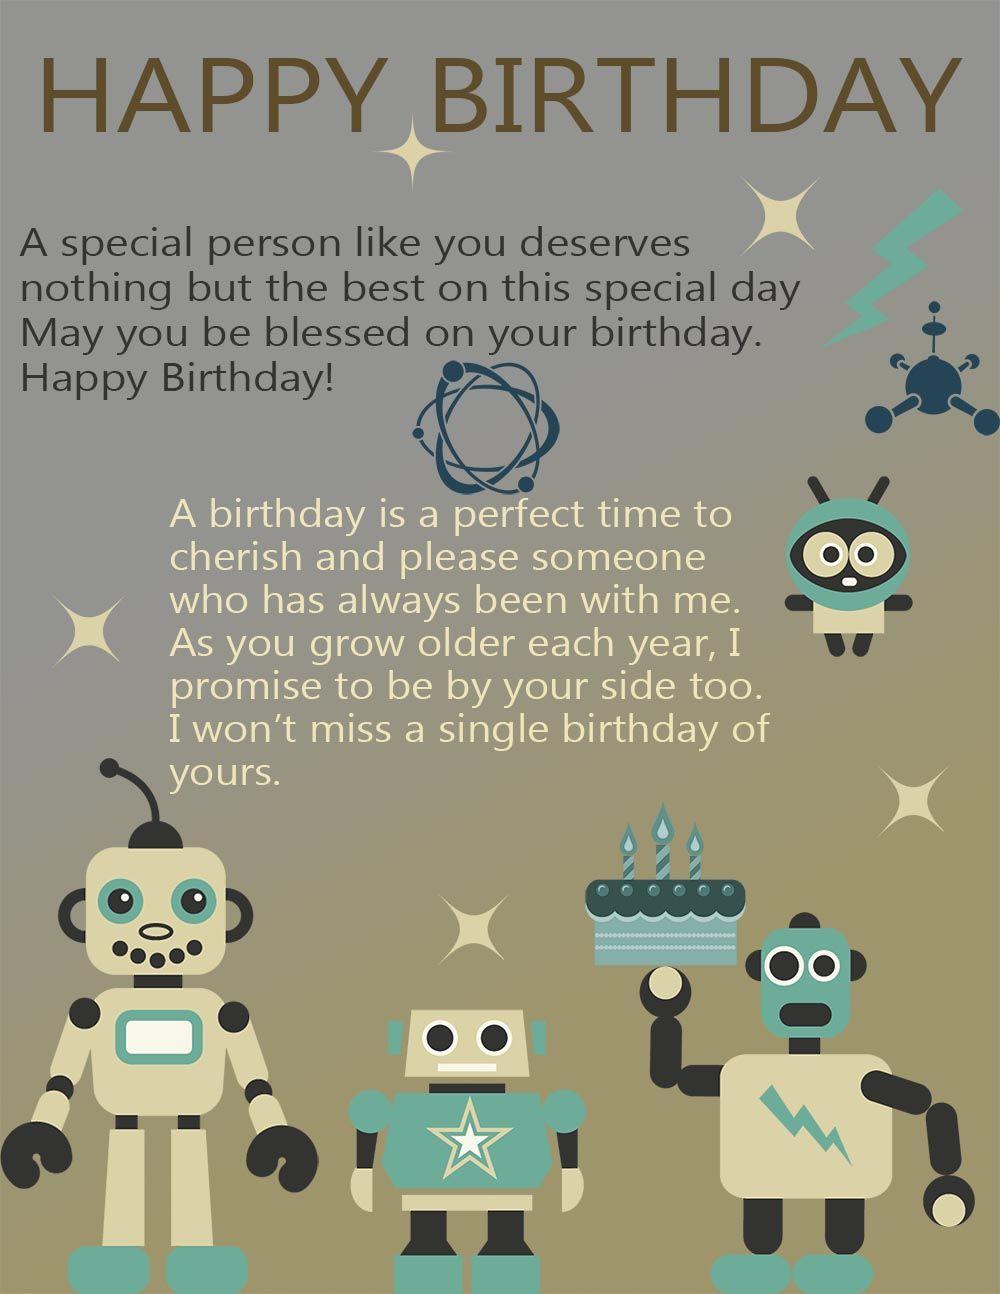 Happy birthday e card free my birthday pinterest happy happy birthday e card free bookmarktalkfo Choice Image